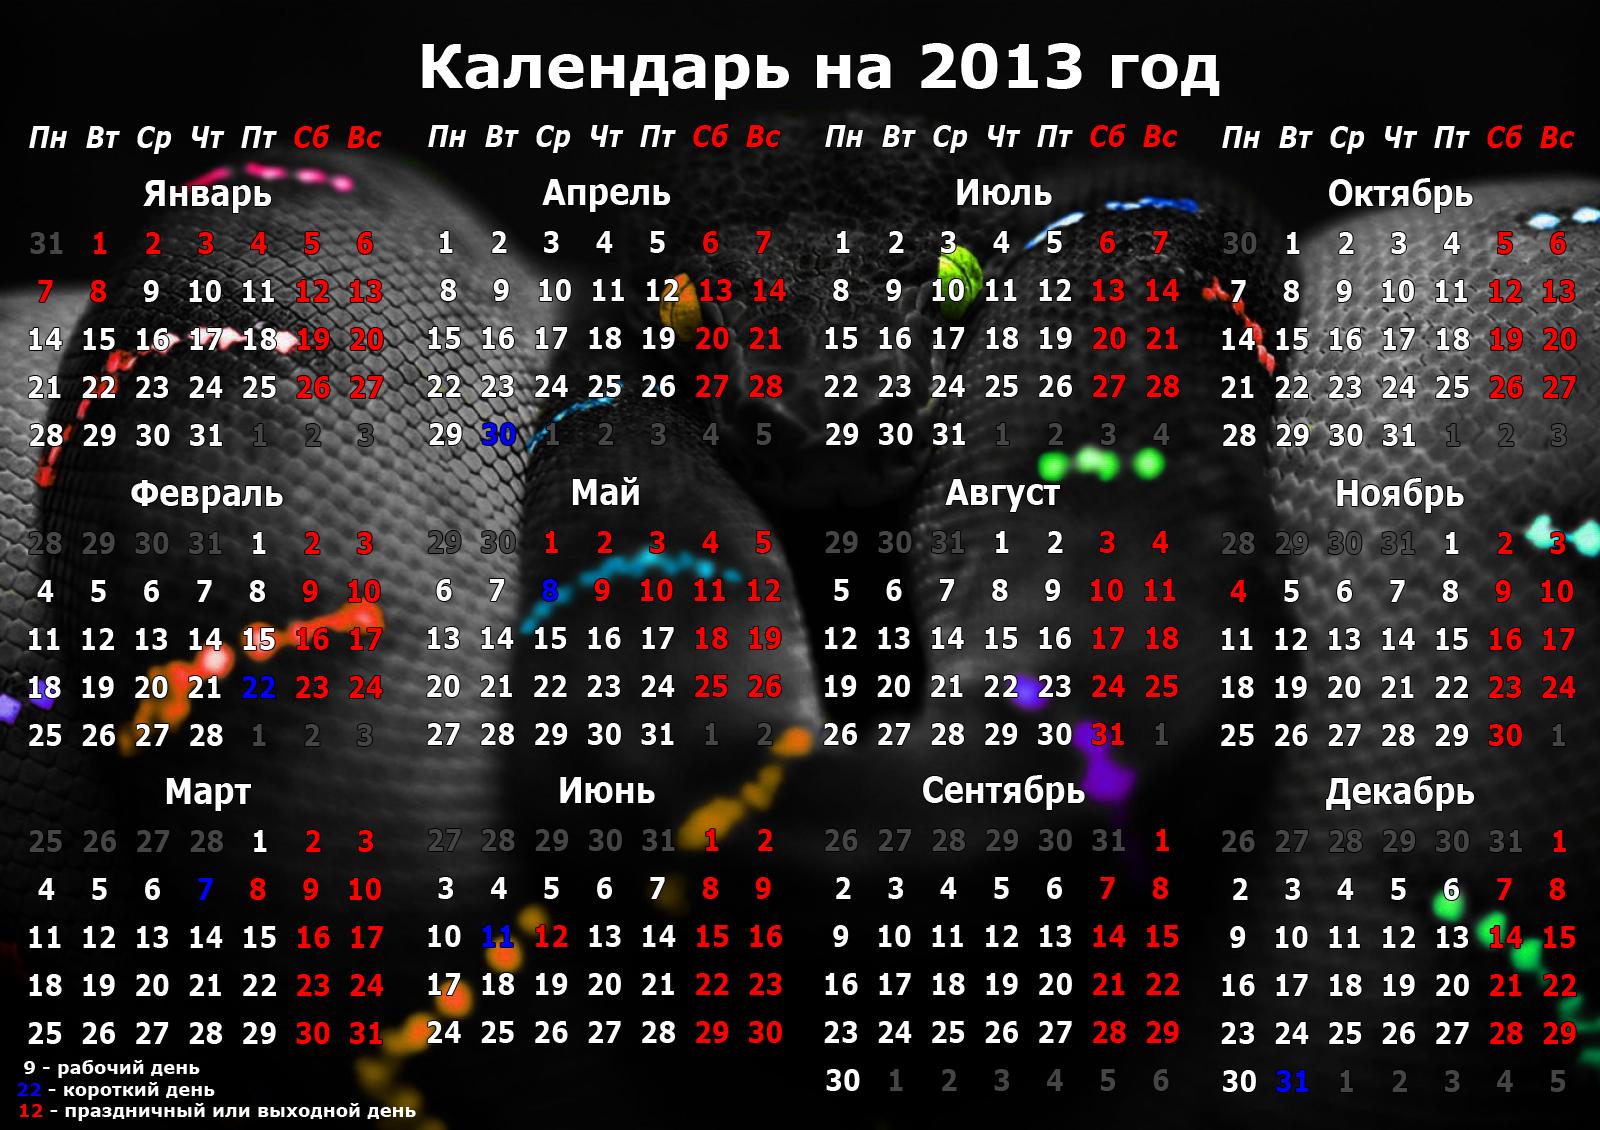 Календарь 2013 Украина.  Скачать и распечатать календарь бесплатно.